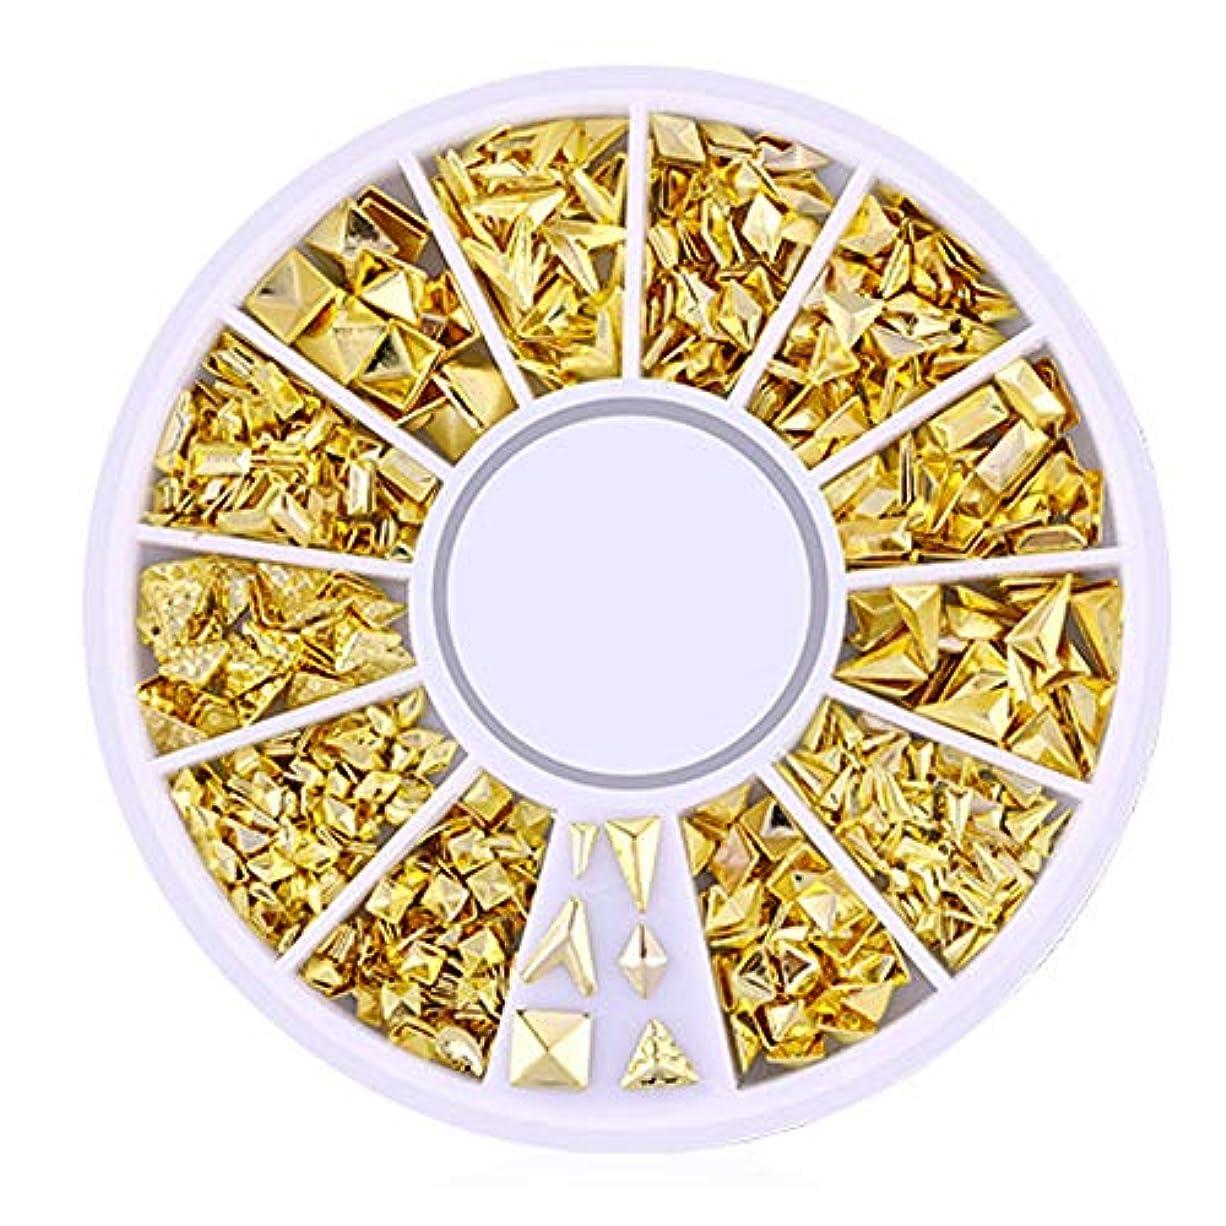 添加剤盲目ランチSnner 3D ネイルパーツ メタル ゴールド ハート 星 月 花 蝶結び 幾何風 12種形 ネイルデコレーション 円型ケース入リ ピンクケース 200点セット (幾何風4)